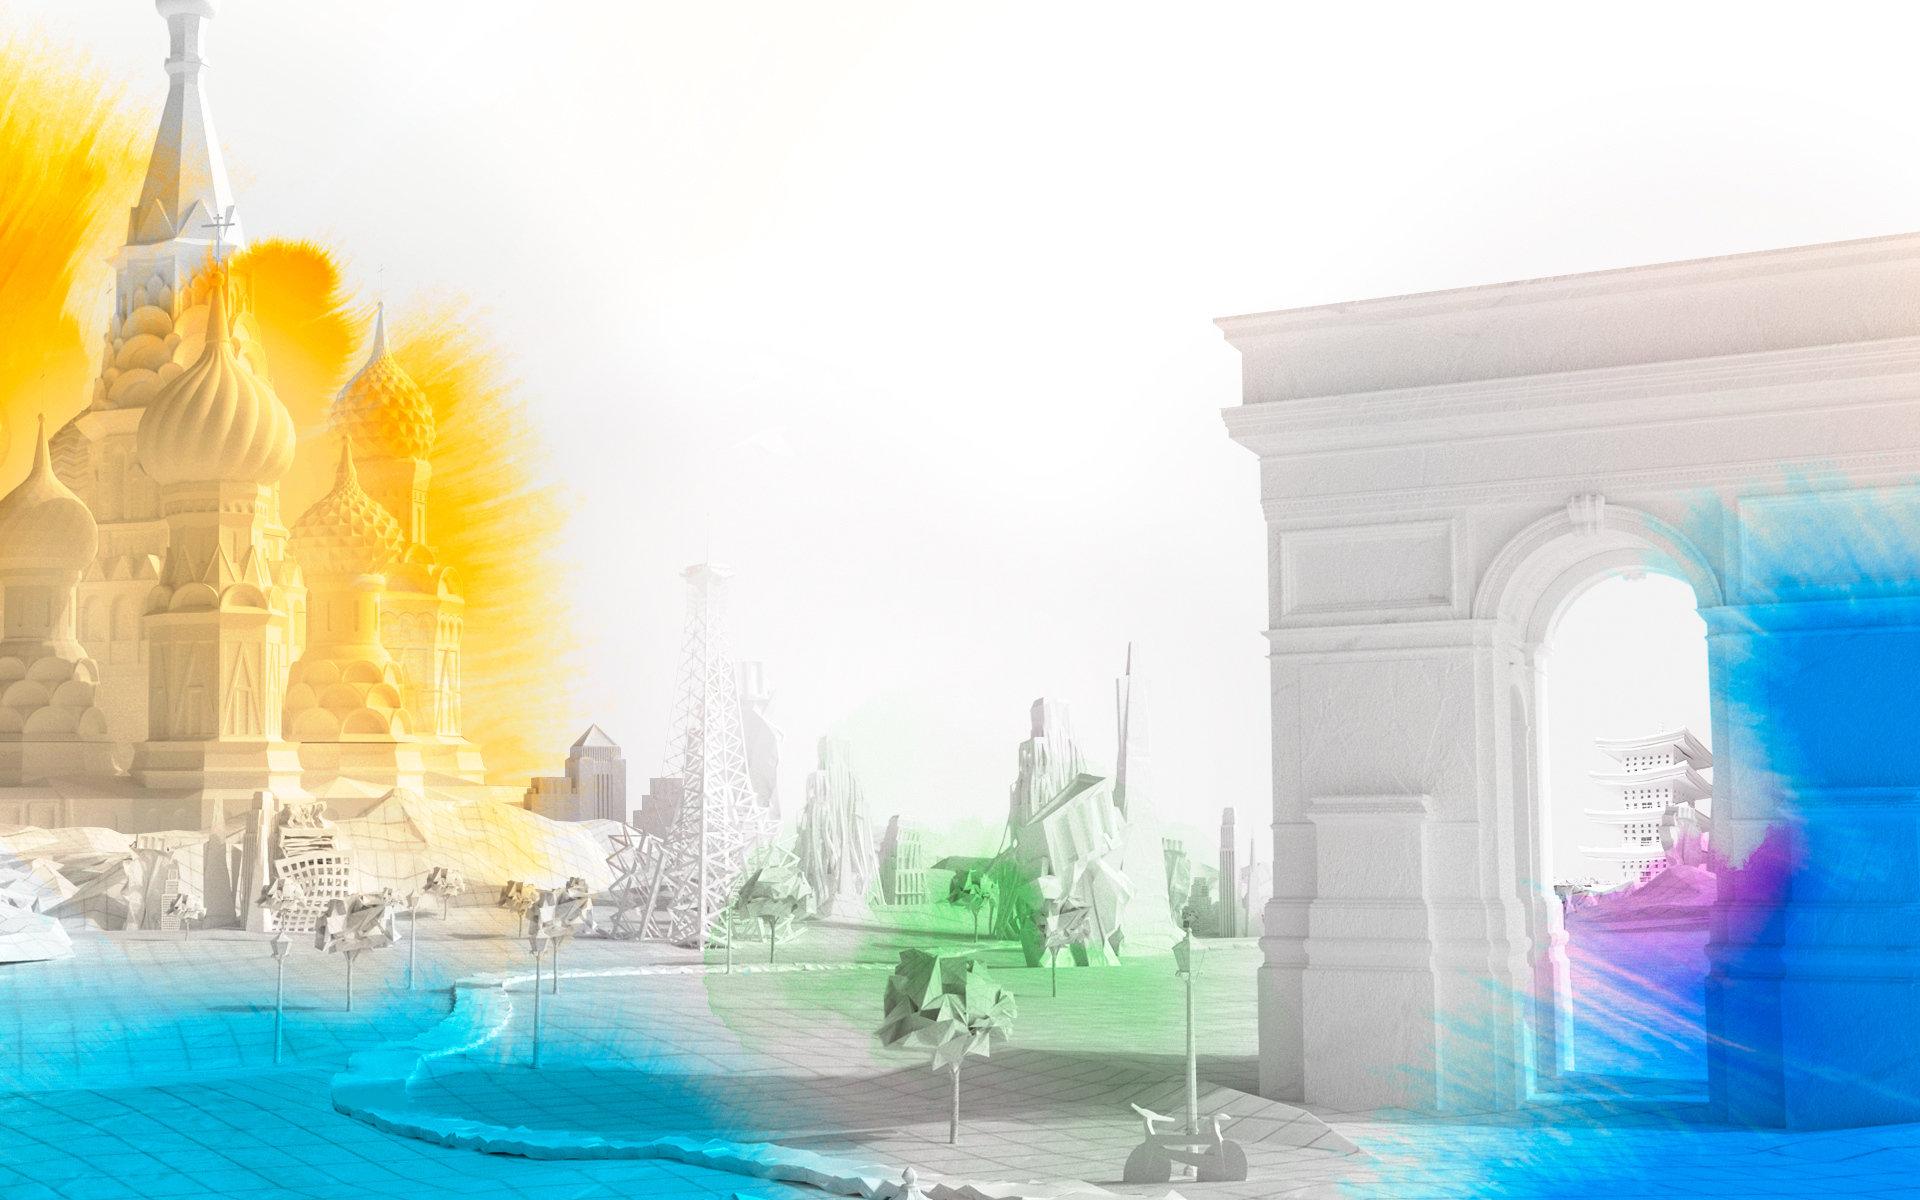 снимков с визуальными эффектами произведено для оригинального контента